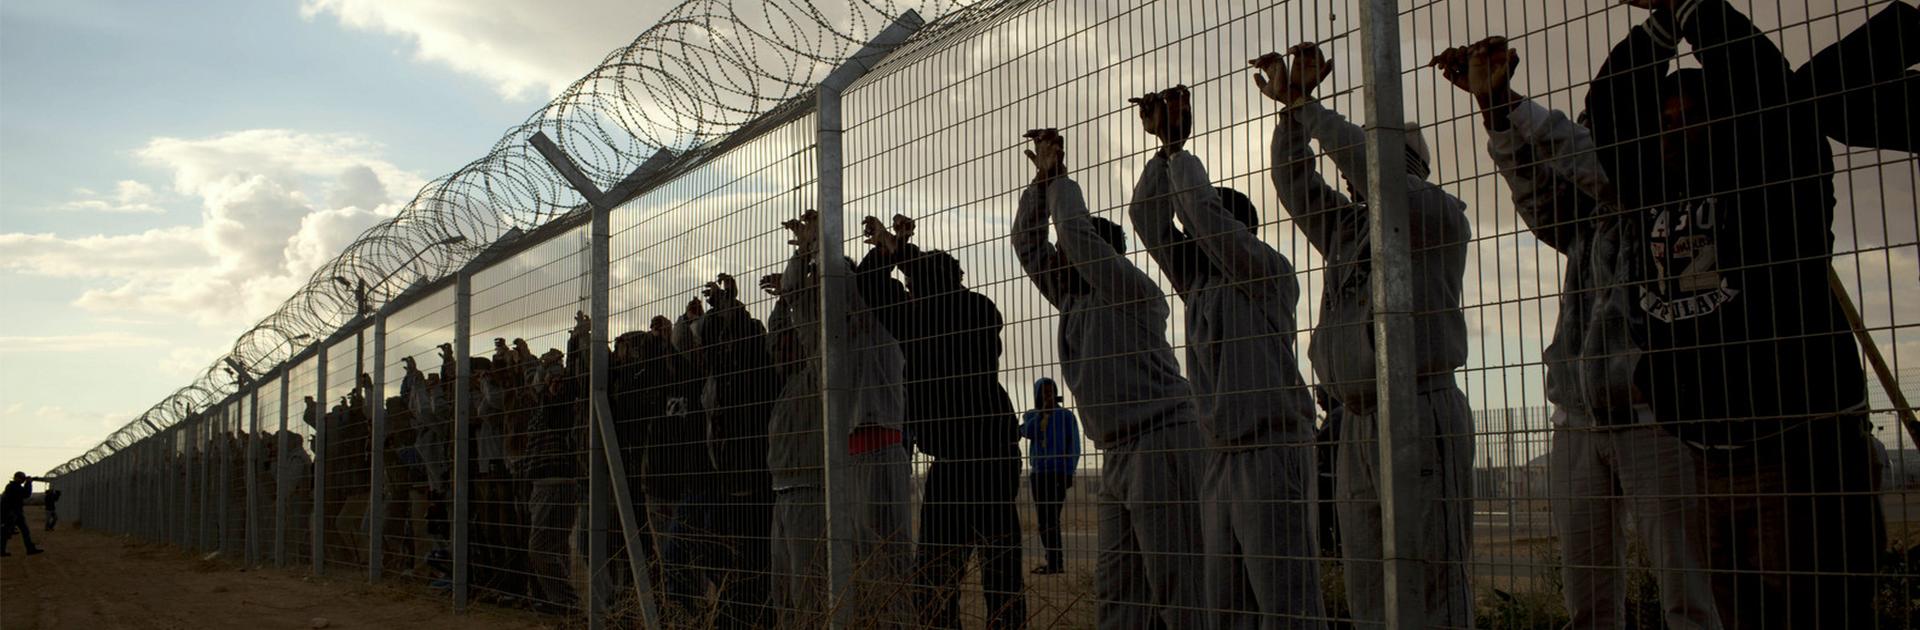 Euro-Med critique la décision d'Israël d'expulser par la force 40 000 migrants africains